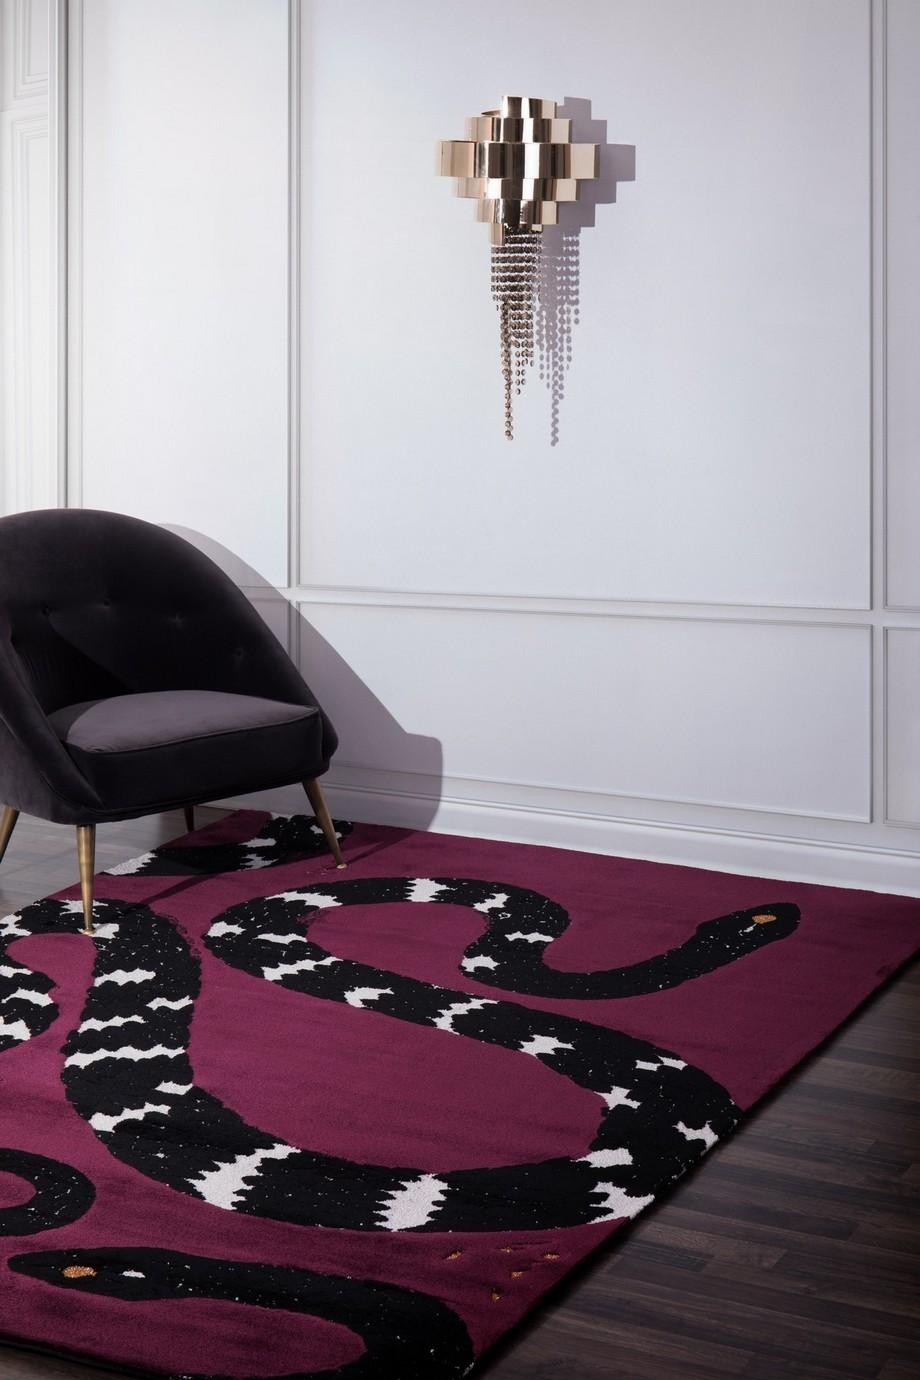 Ideas de Lujo: Alfombras para combinar con las mesas del centro ideas de lujo Ideas de Lujo: Alfombras para combinar con las mesas del centro mudar2